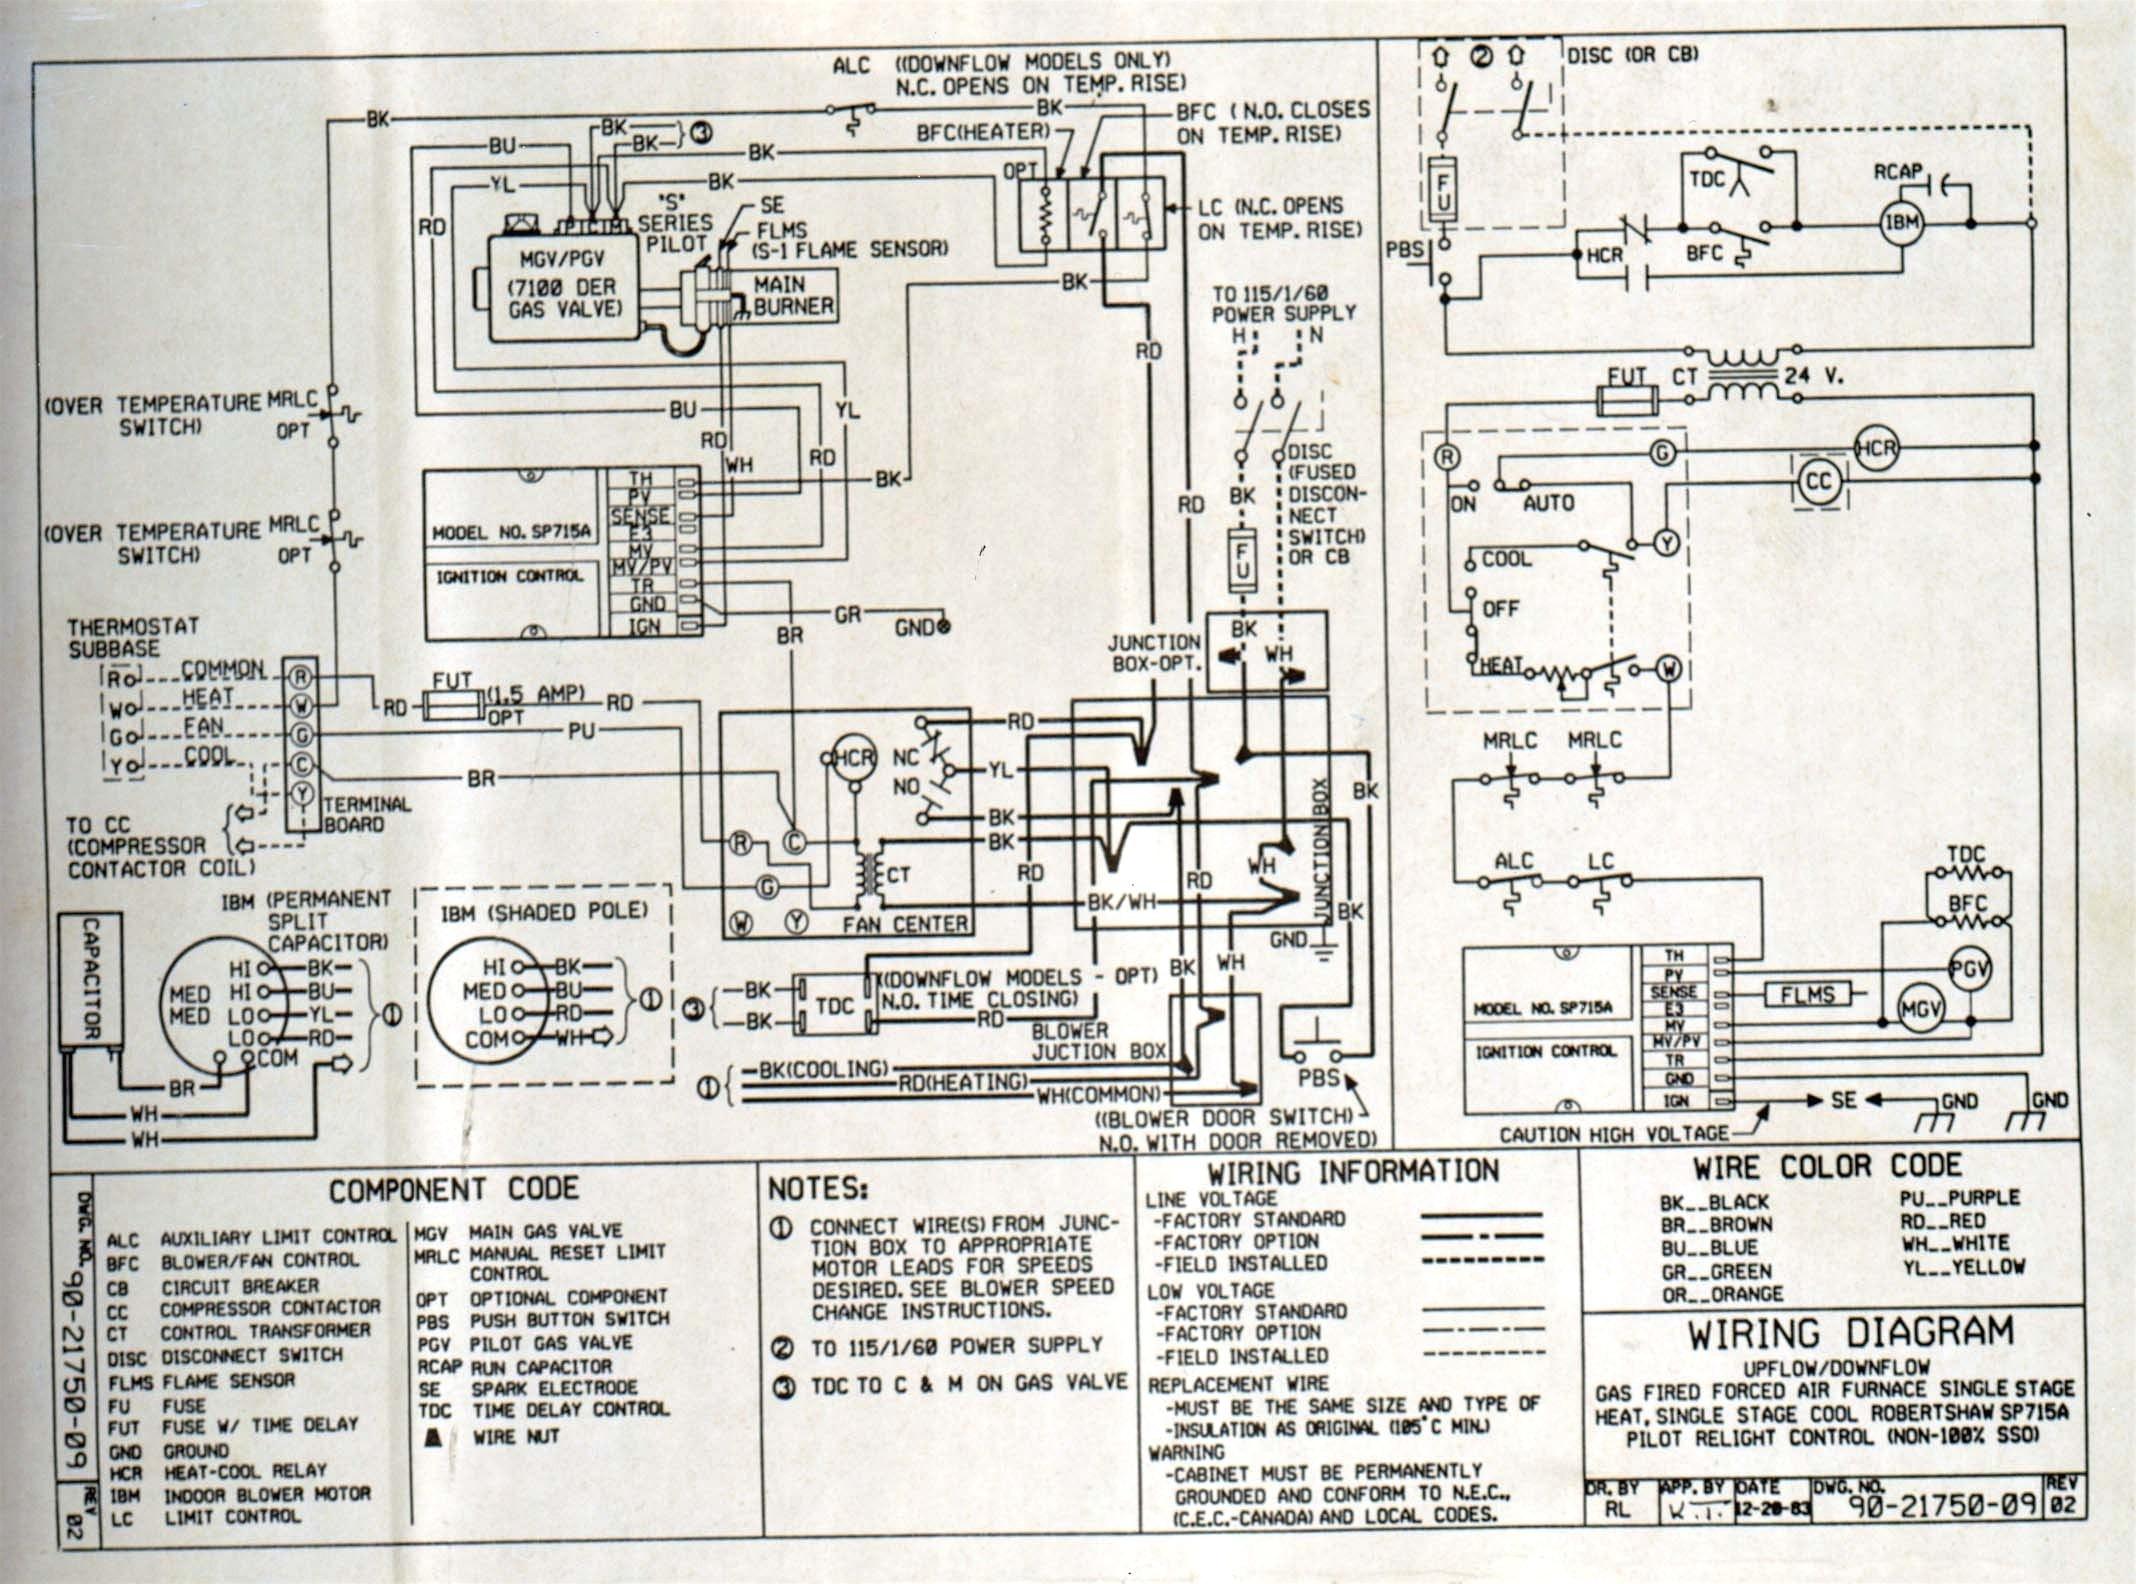 Pc036 Wiring Schematic Goodman | Schematic Diagram on